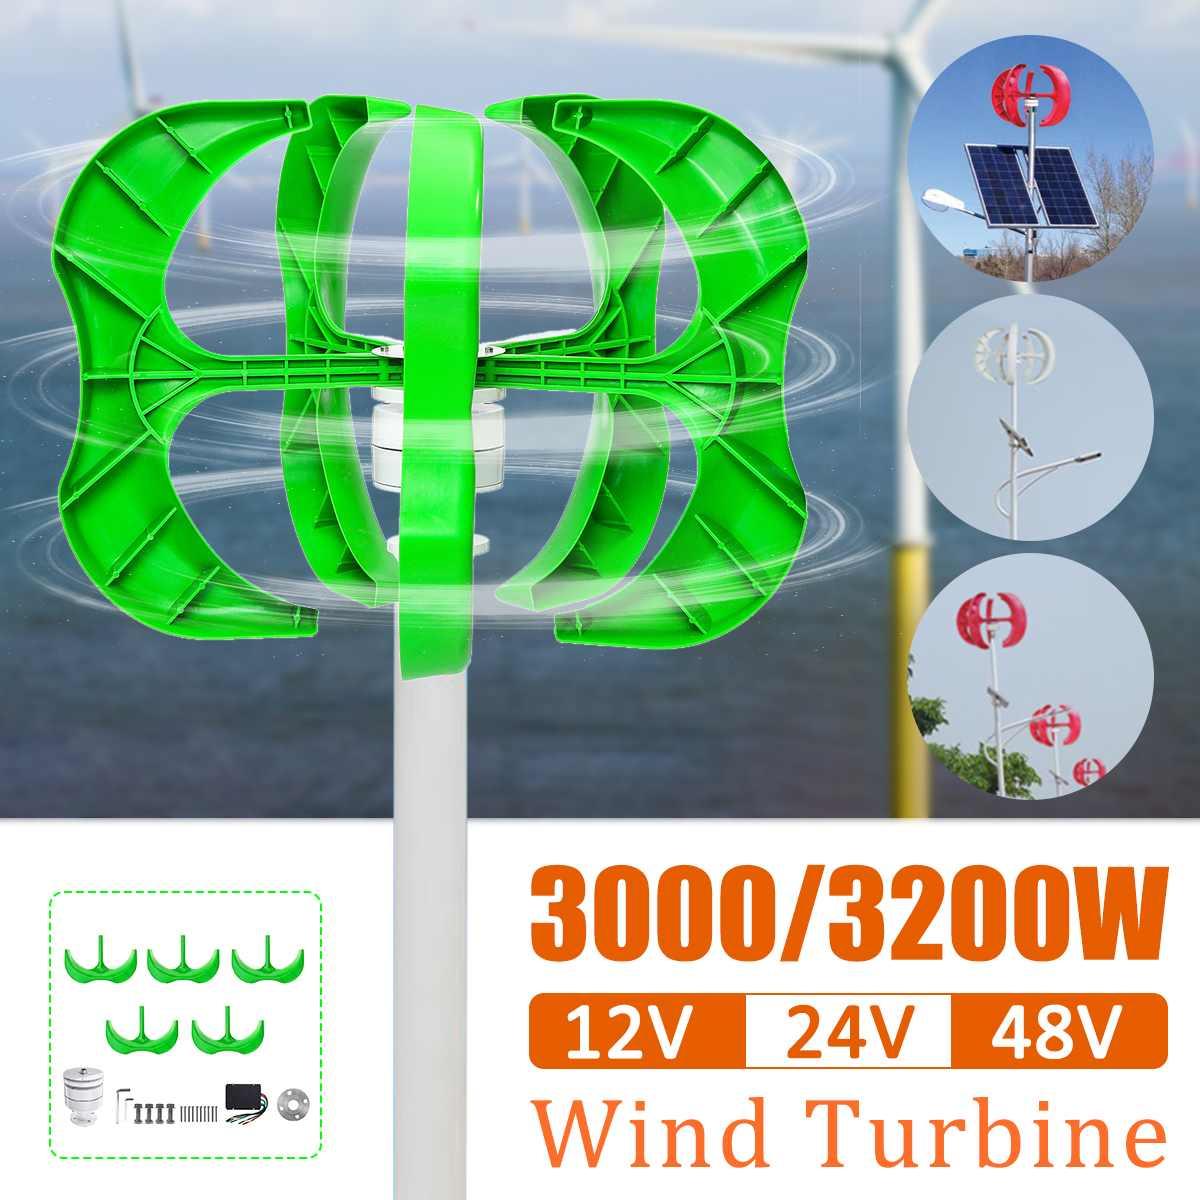 Éolienne 3200 W/3000 W 5 pales générateur 12/24/48V lanterne éoliennes axe Vertical pour lampadaire domestique + Controlle